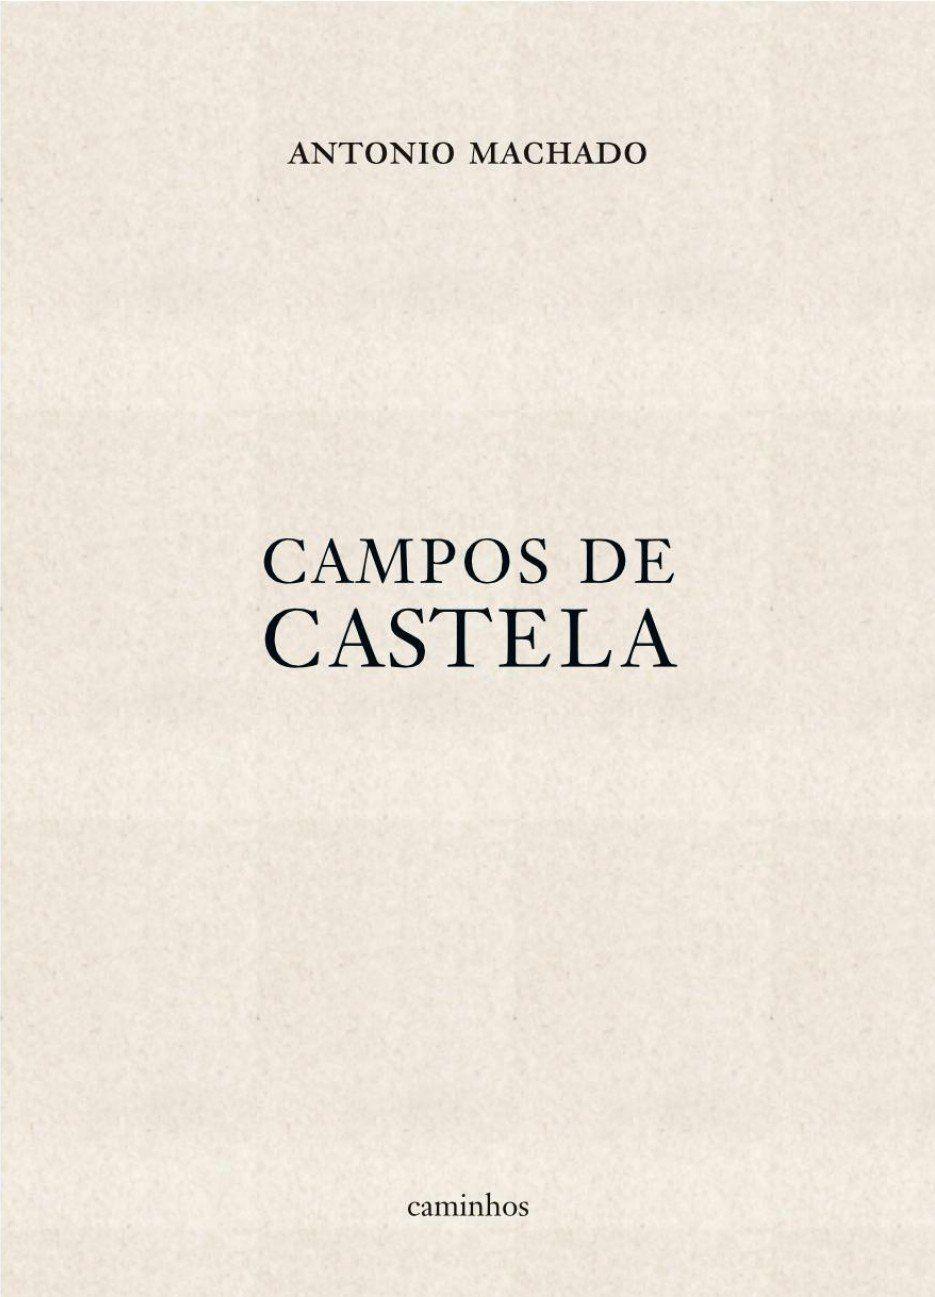 CAMPOS DE CASTELA